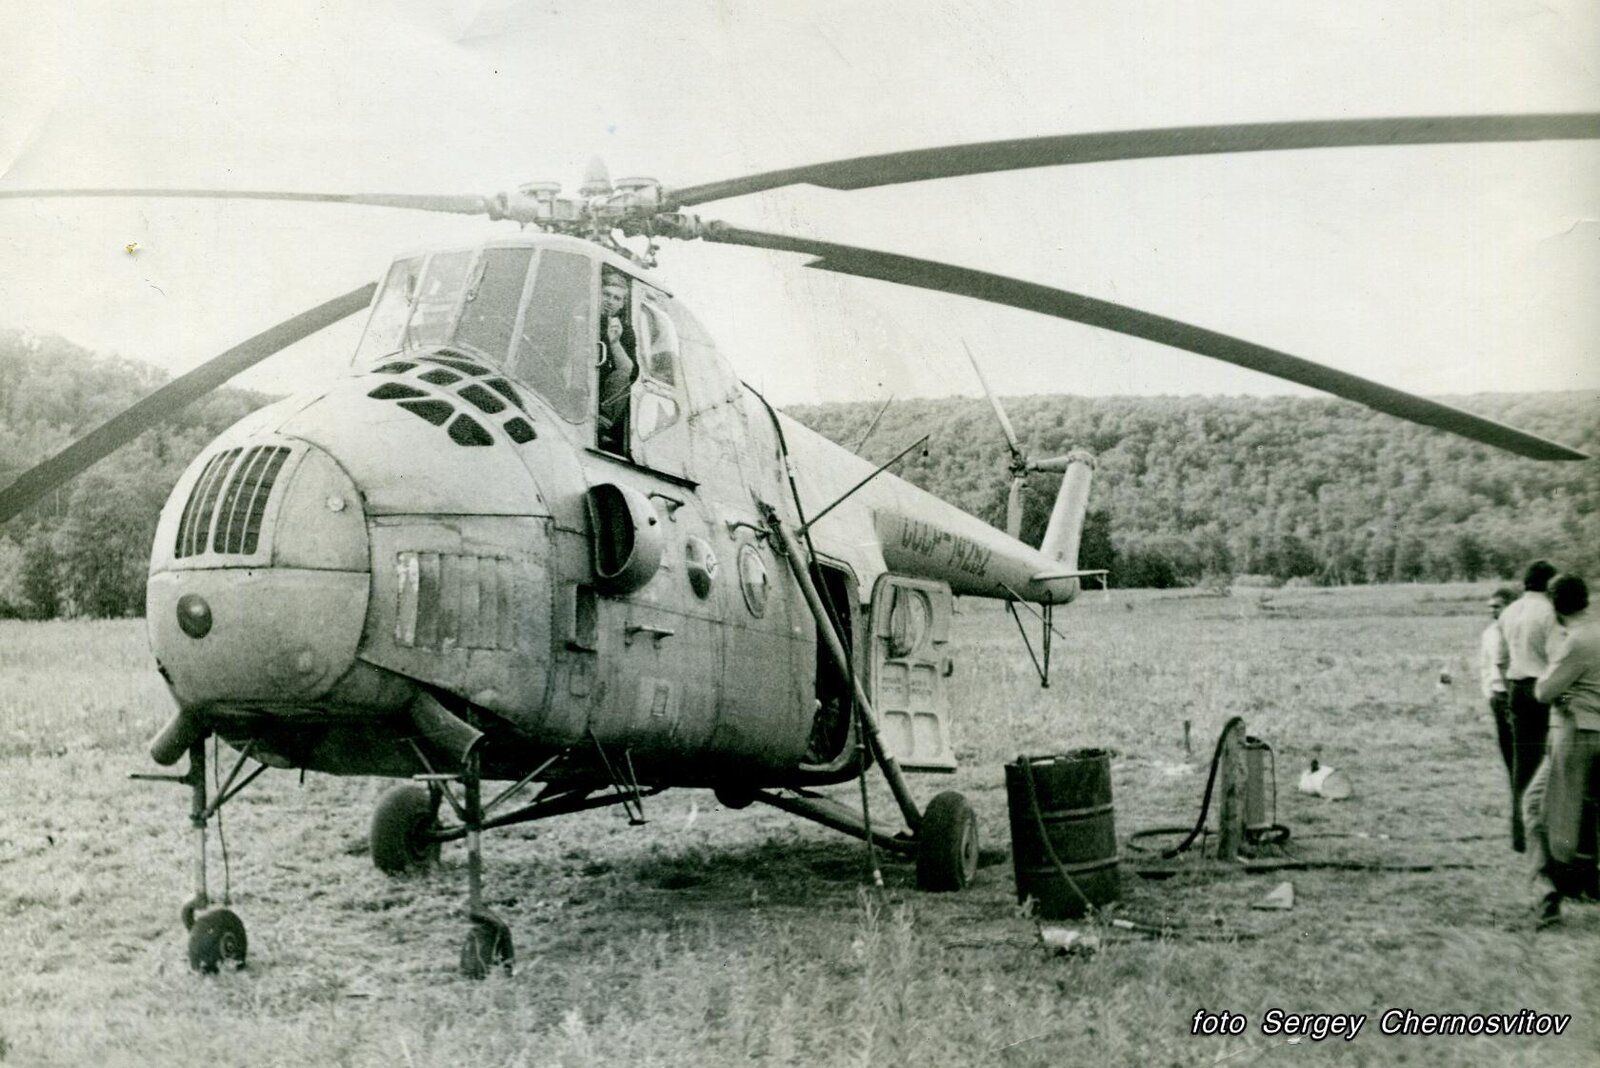 районе реки Жупанова у летней партии геологов, на дозаправке-1983 год.Последние полёты вертол...jpg